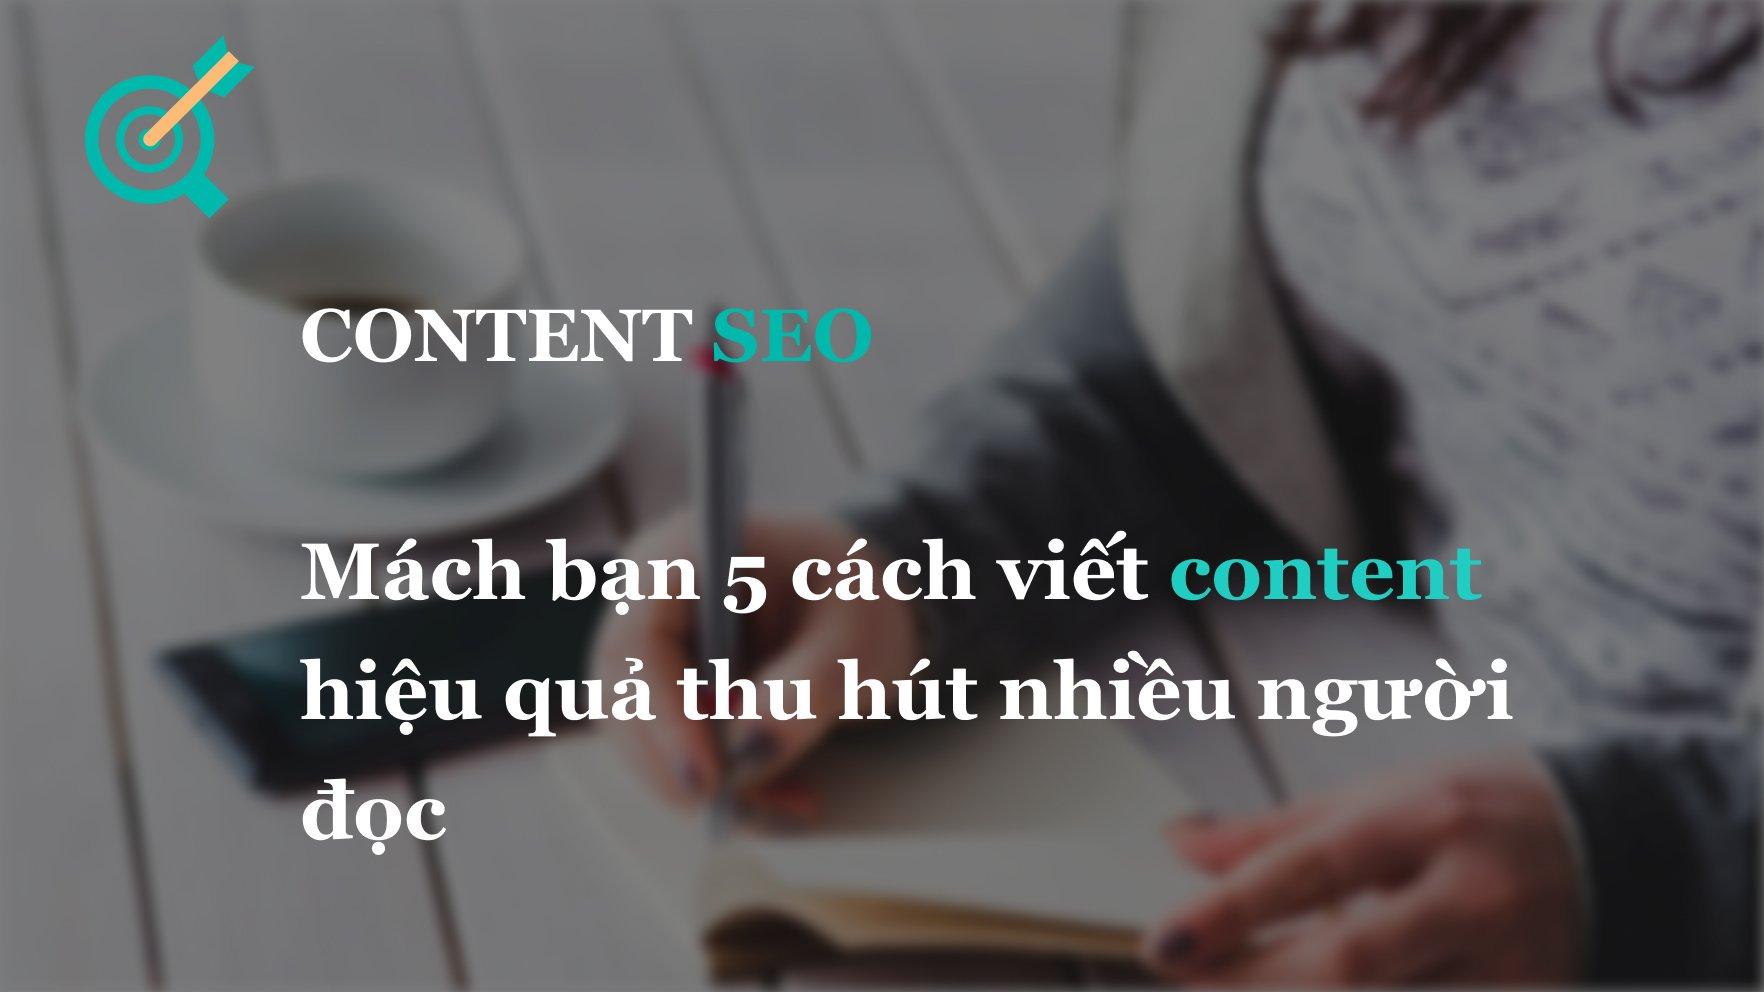 Mách bạn 5 cách viết content hiệu quả thu hút nhiều người đọc